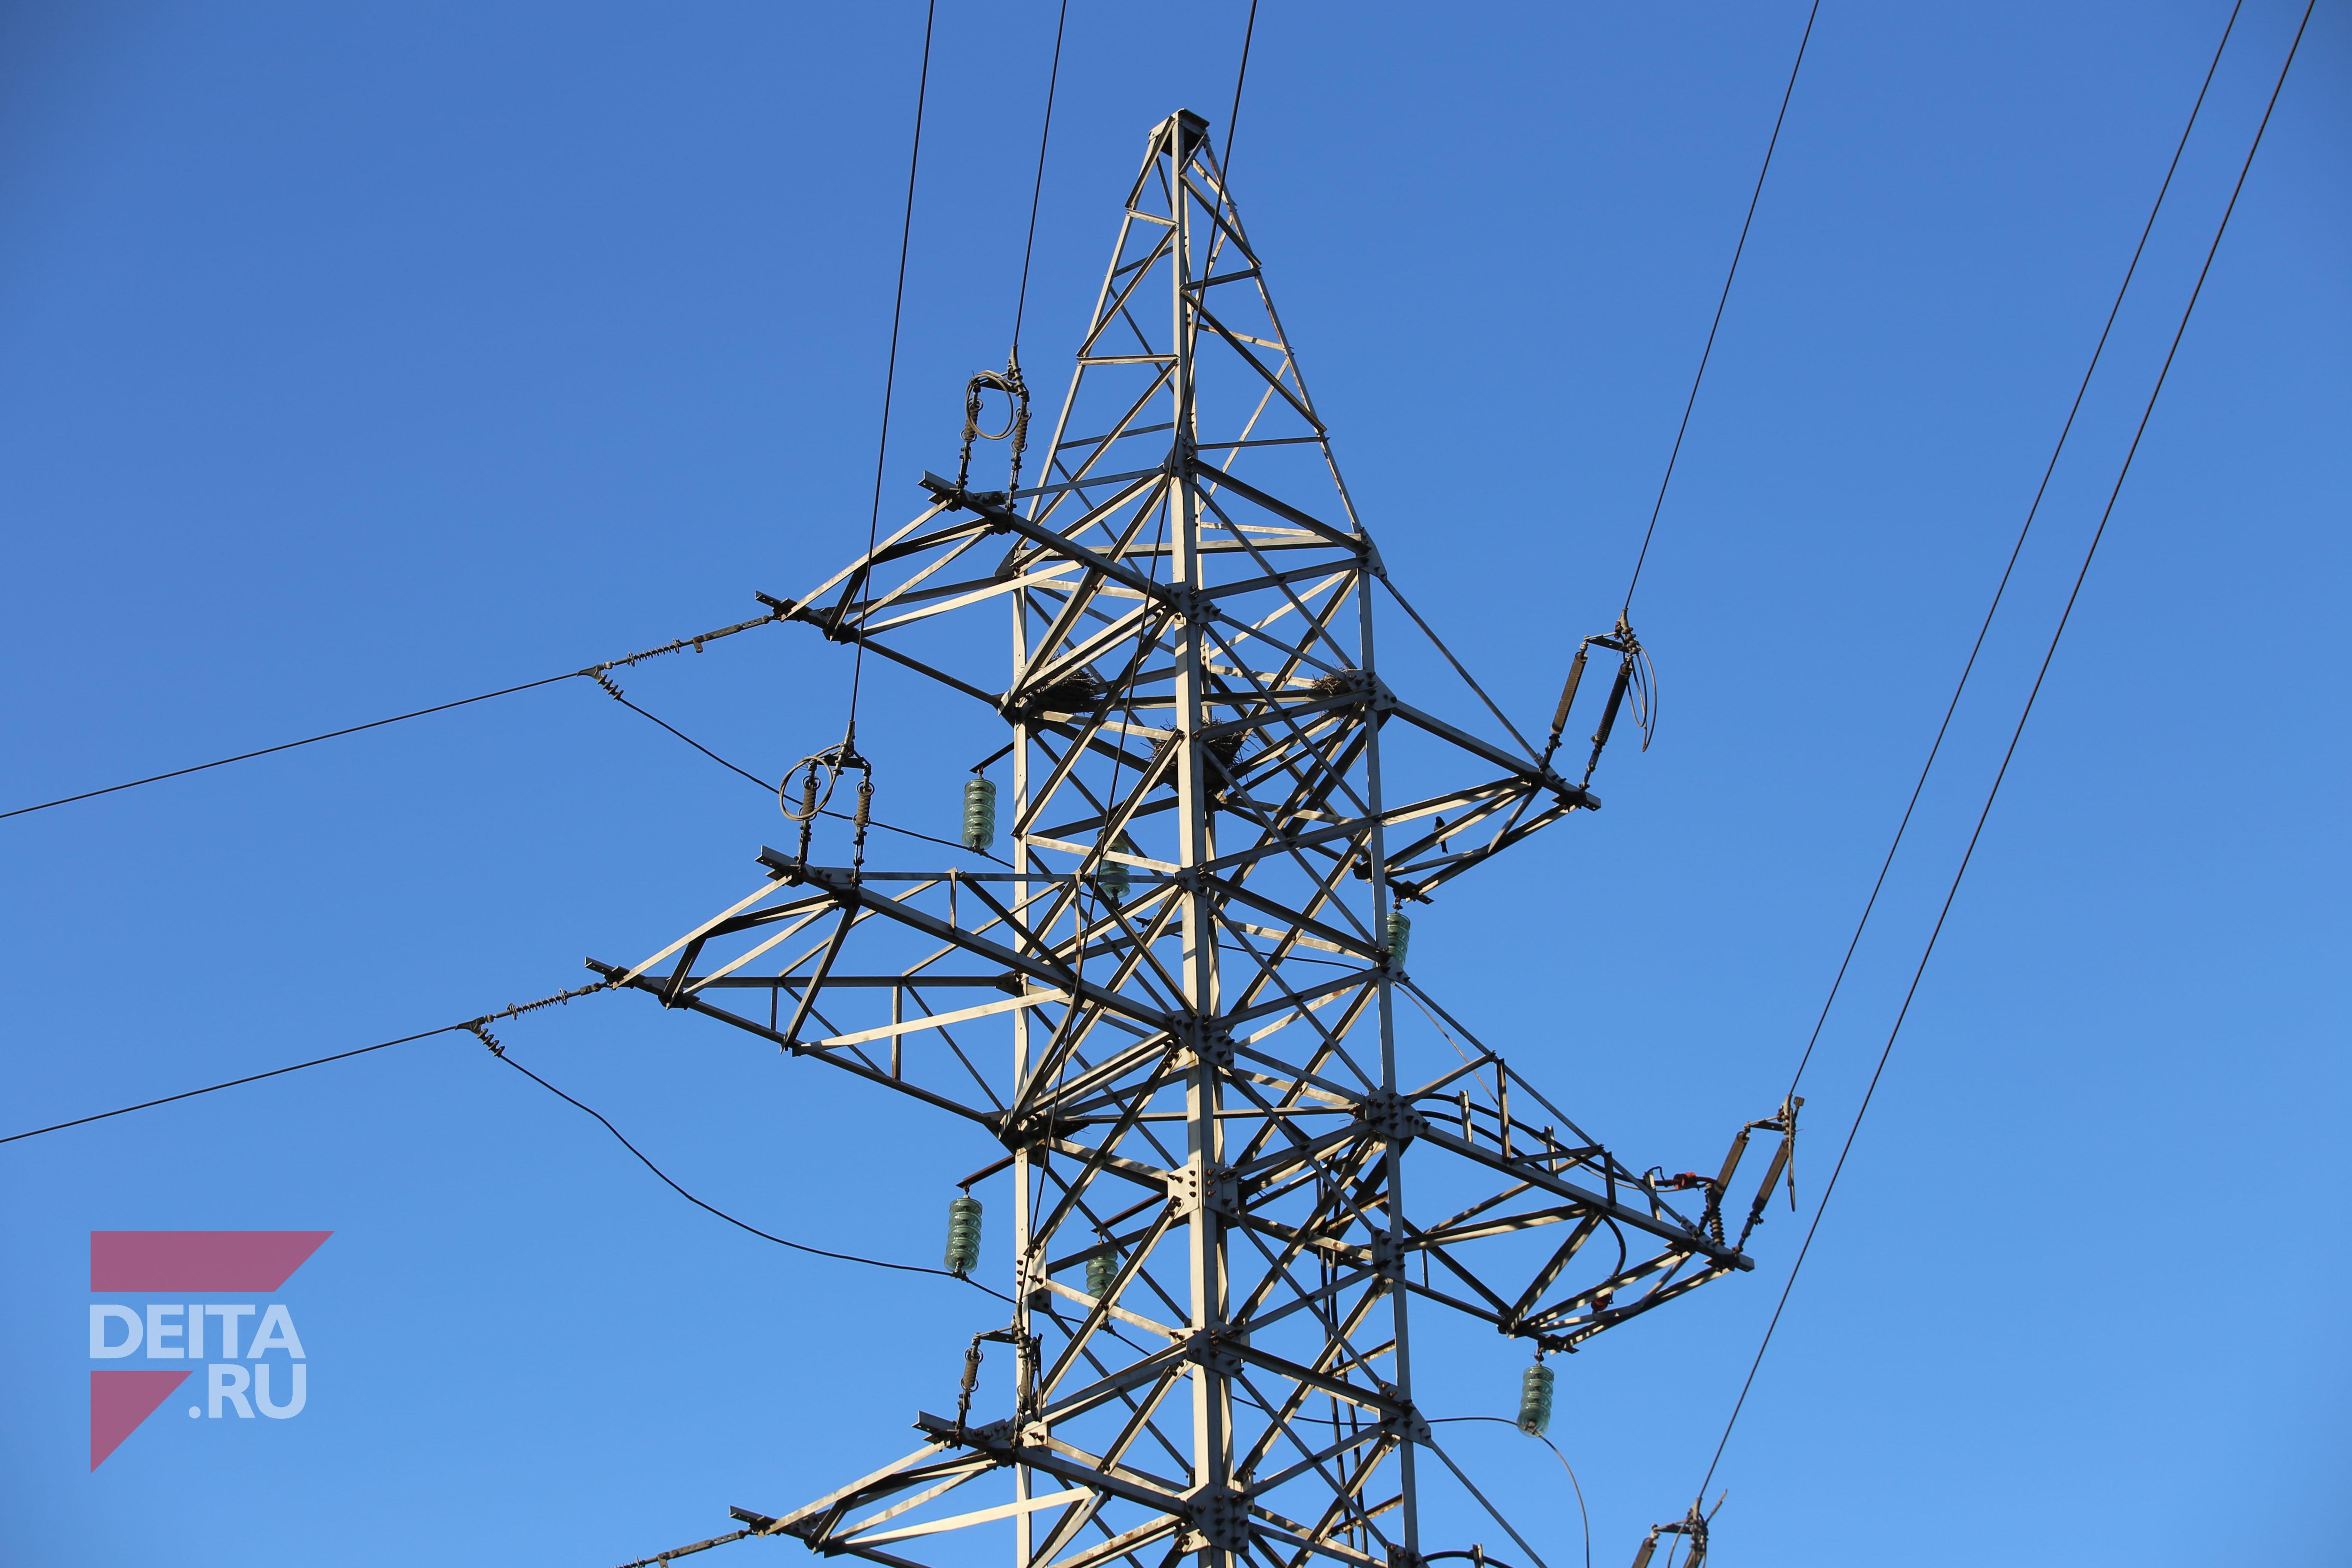 Ответственность заявителей перед энергетиками может стоить сотни тысяч рублей